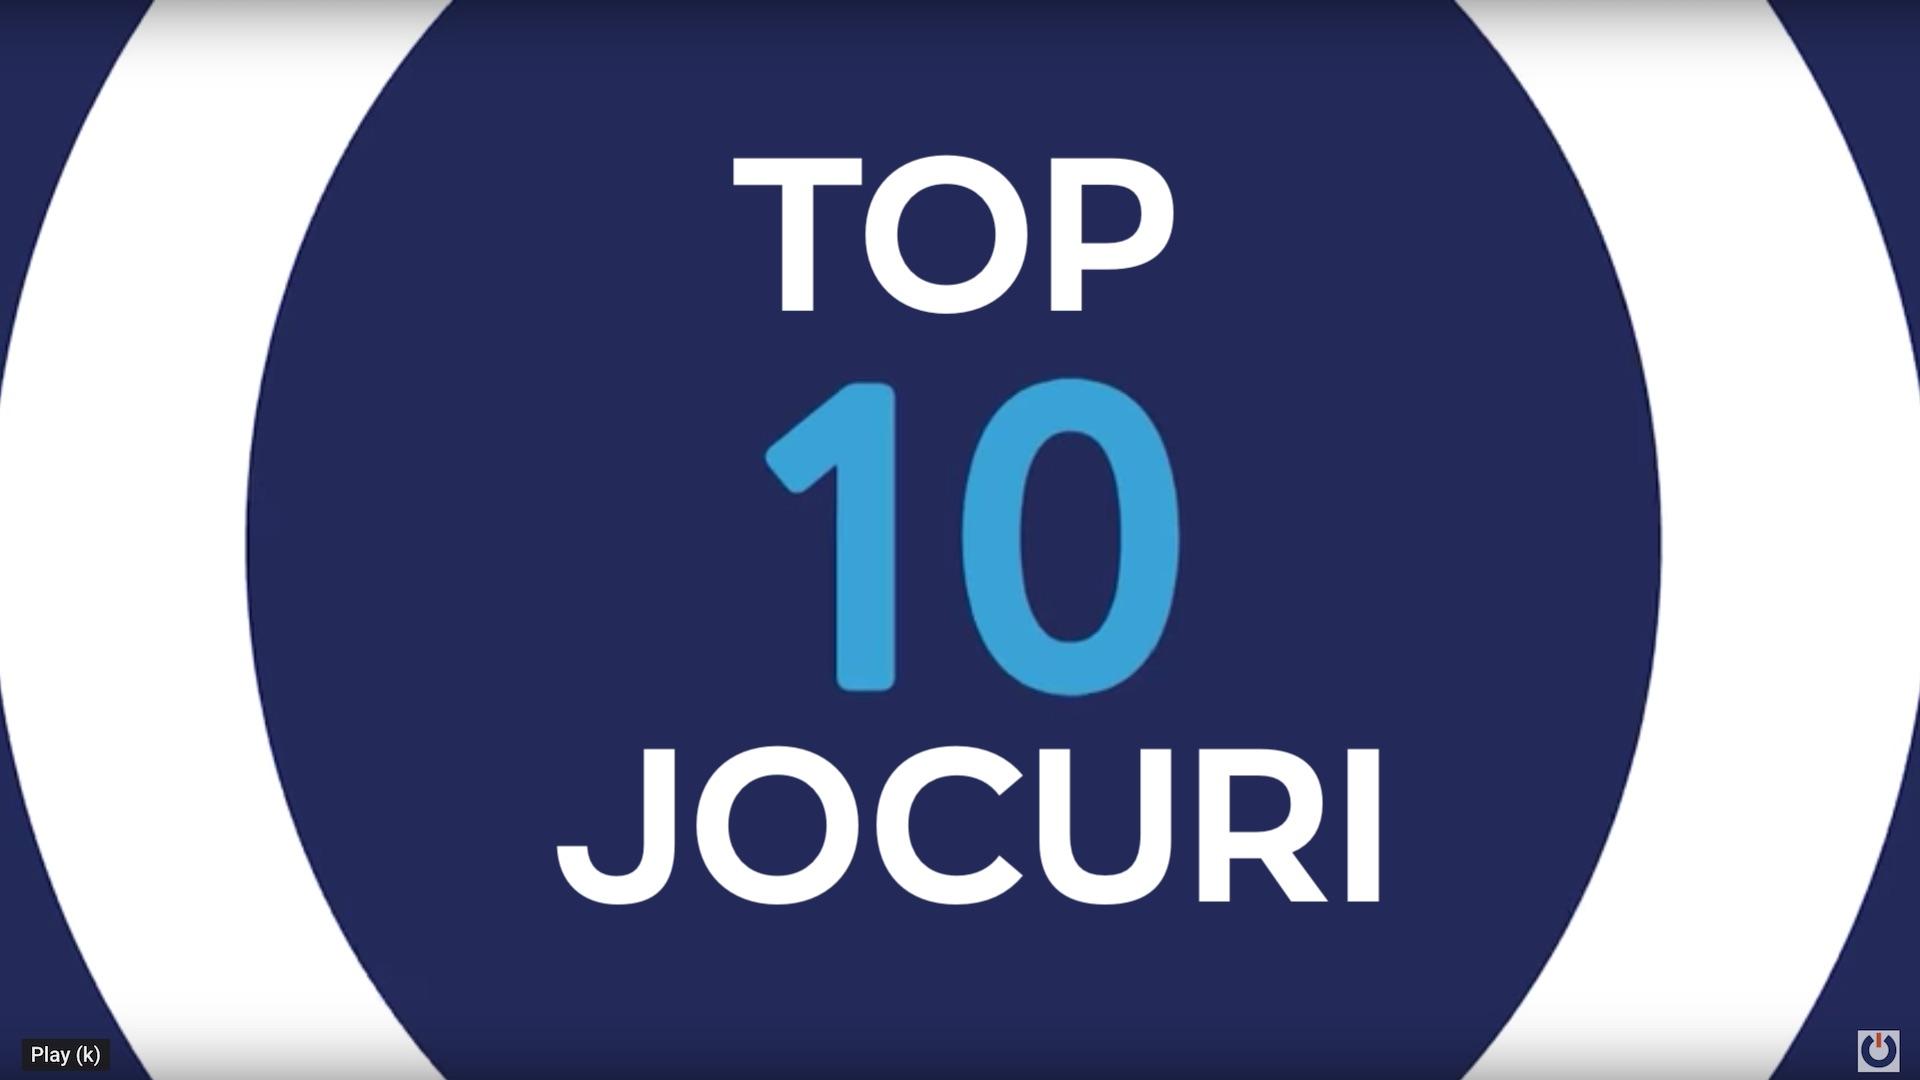 Top 10 Jocurile Anului 2018